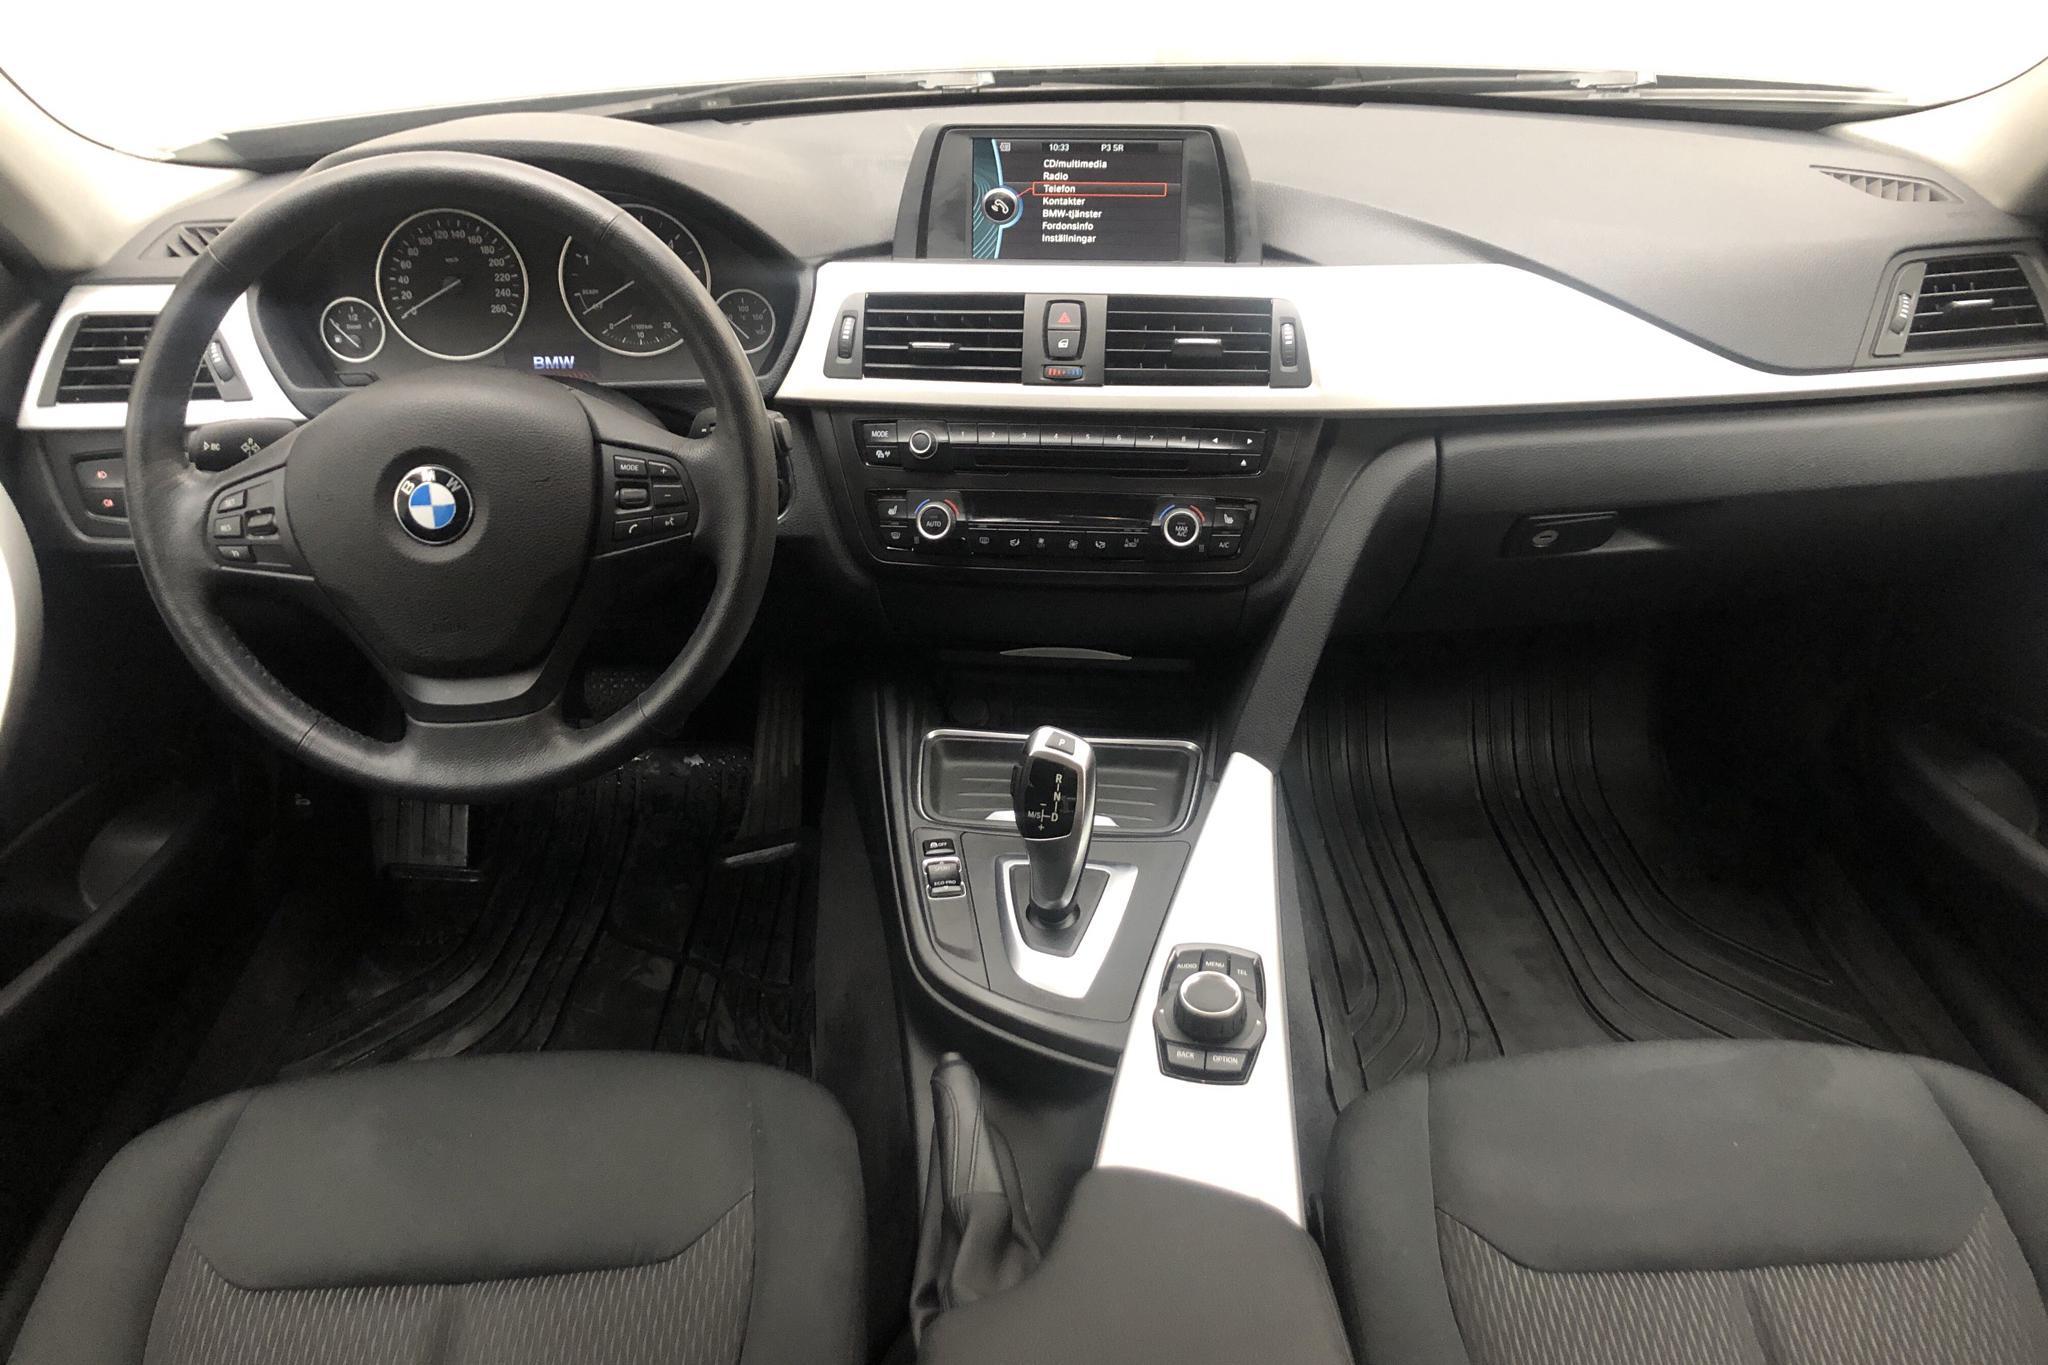 BMW 320d Sedan, F30 (184hk) - 94 770 km - Automatic - black - 2013